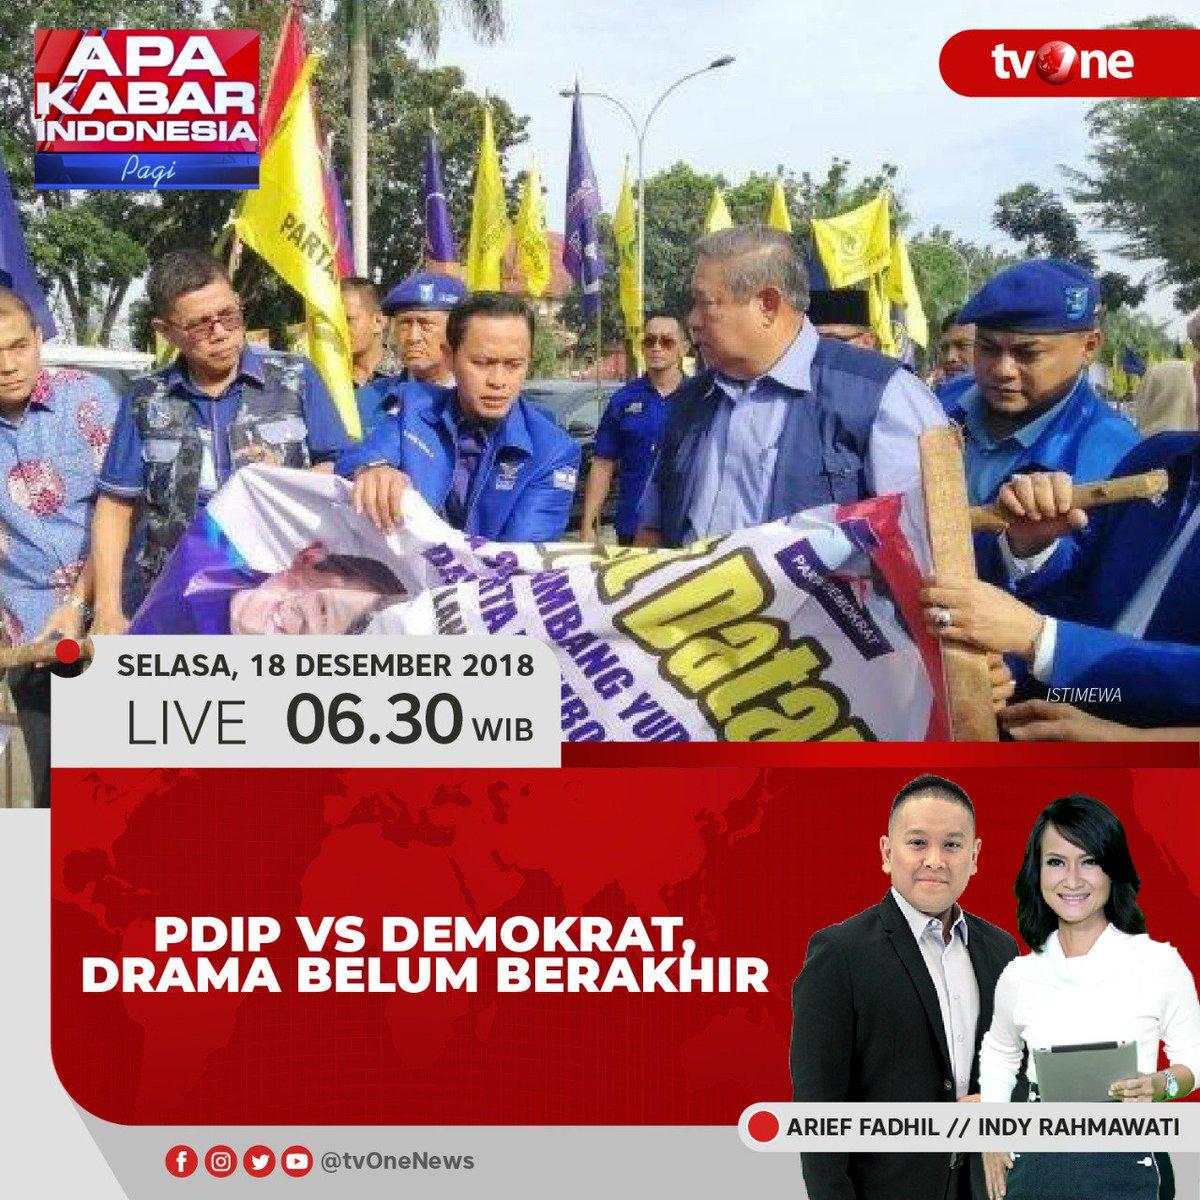 @akipagi_tvone: PDIP vs Demokrat, drama belum berakhir. Saksikan dialog menariknya bersama Arief dan Indy, LIVE jam 06.30 WIB hanya di tvOne & streaming di tvOne Connect, android https://t.co/QUKHwwIgl5 & ios https://t.co/qyUxIJRgpp. #AKIPagitvOne https://t.co/HekCQTgYaz